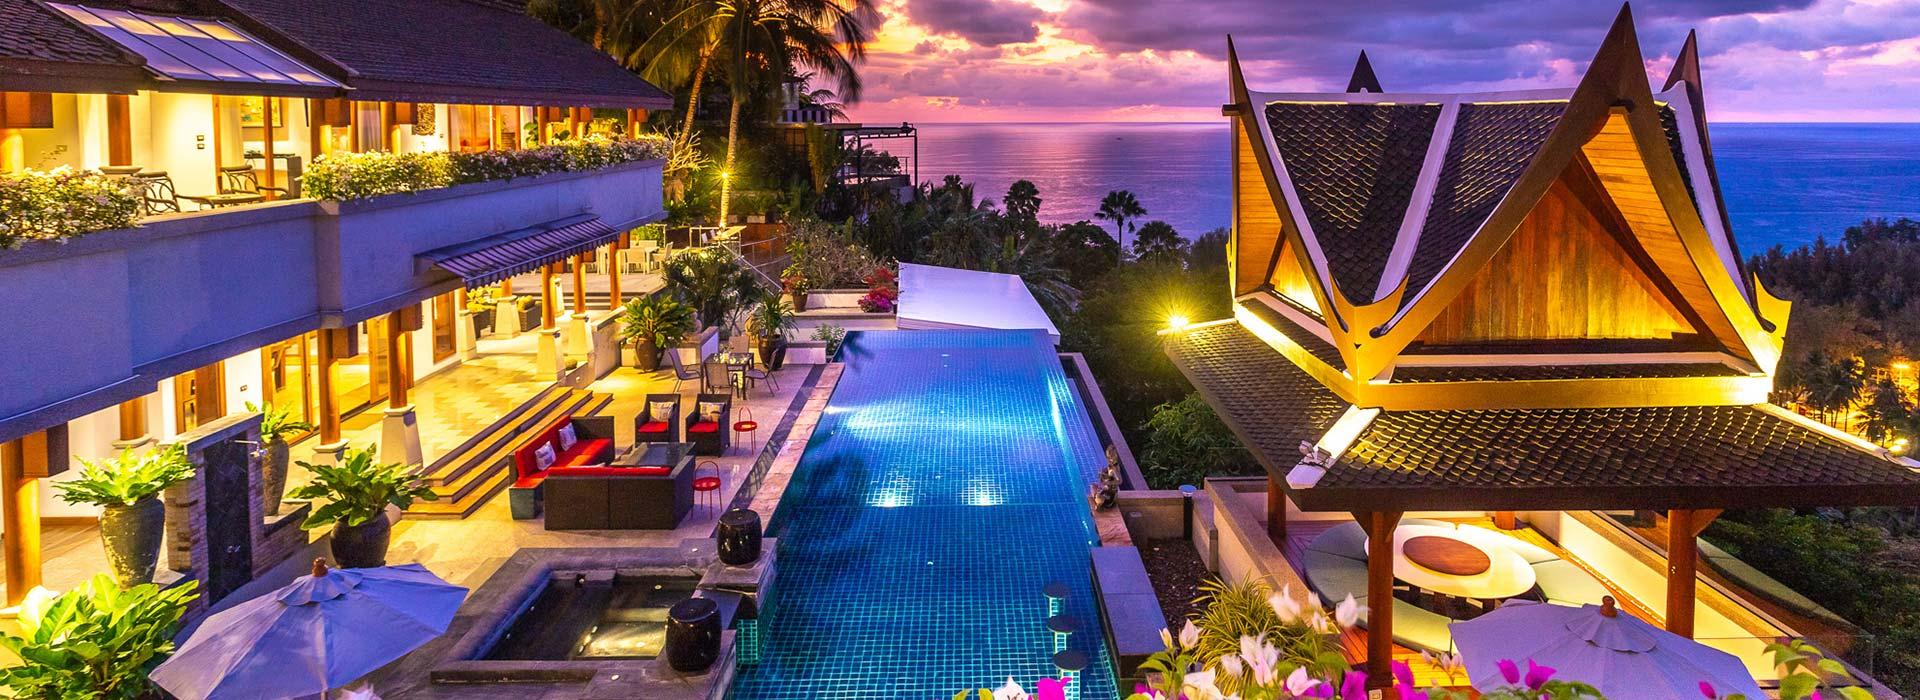 Soraya 7 Bed Villa<br>Surin, Phuket